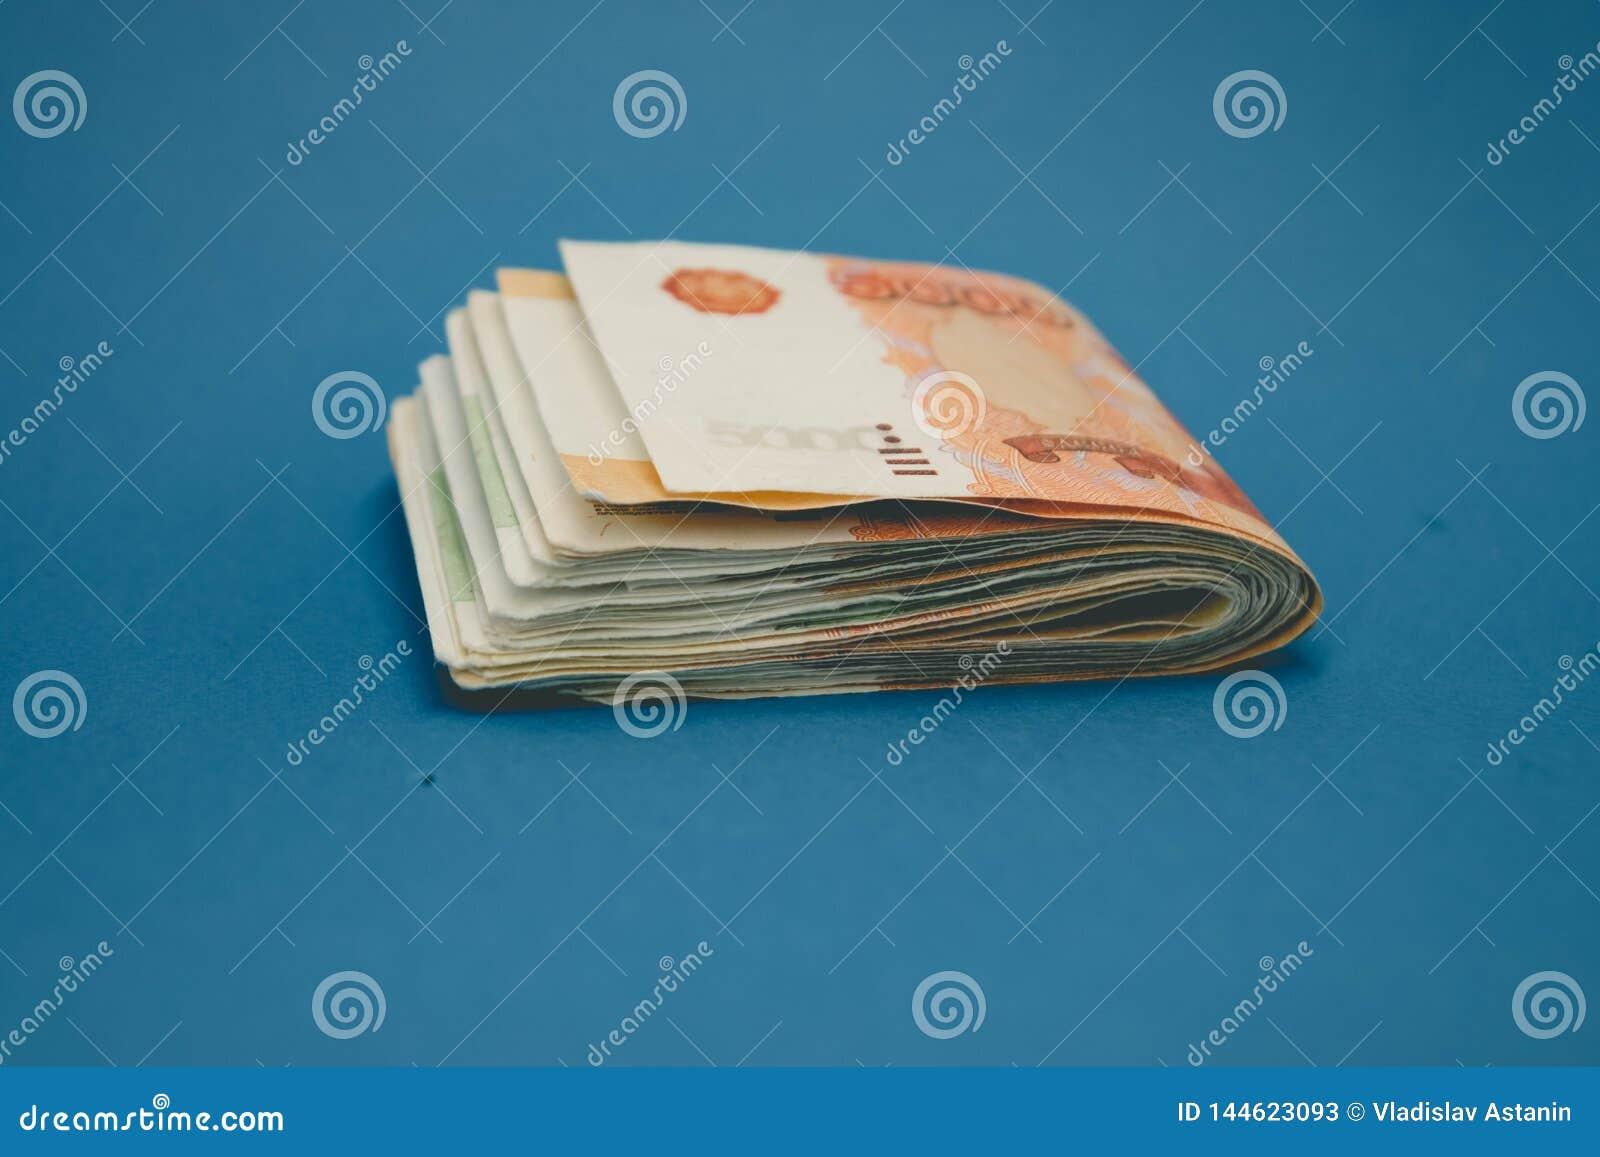 Hick stapel van contant geldgeld Het concept rijken, rijkdom, winsten, zaken en financi?n Vijf duizendste rekeningenbankbiljetten